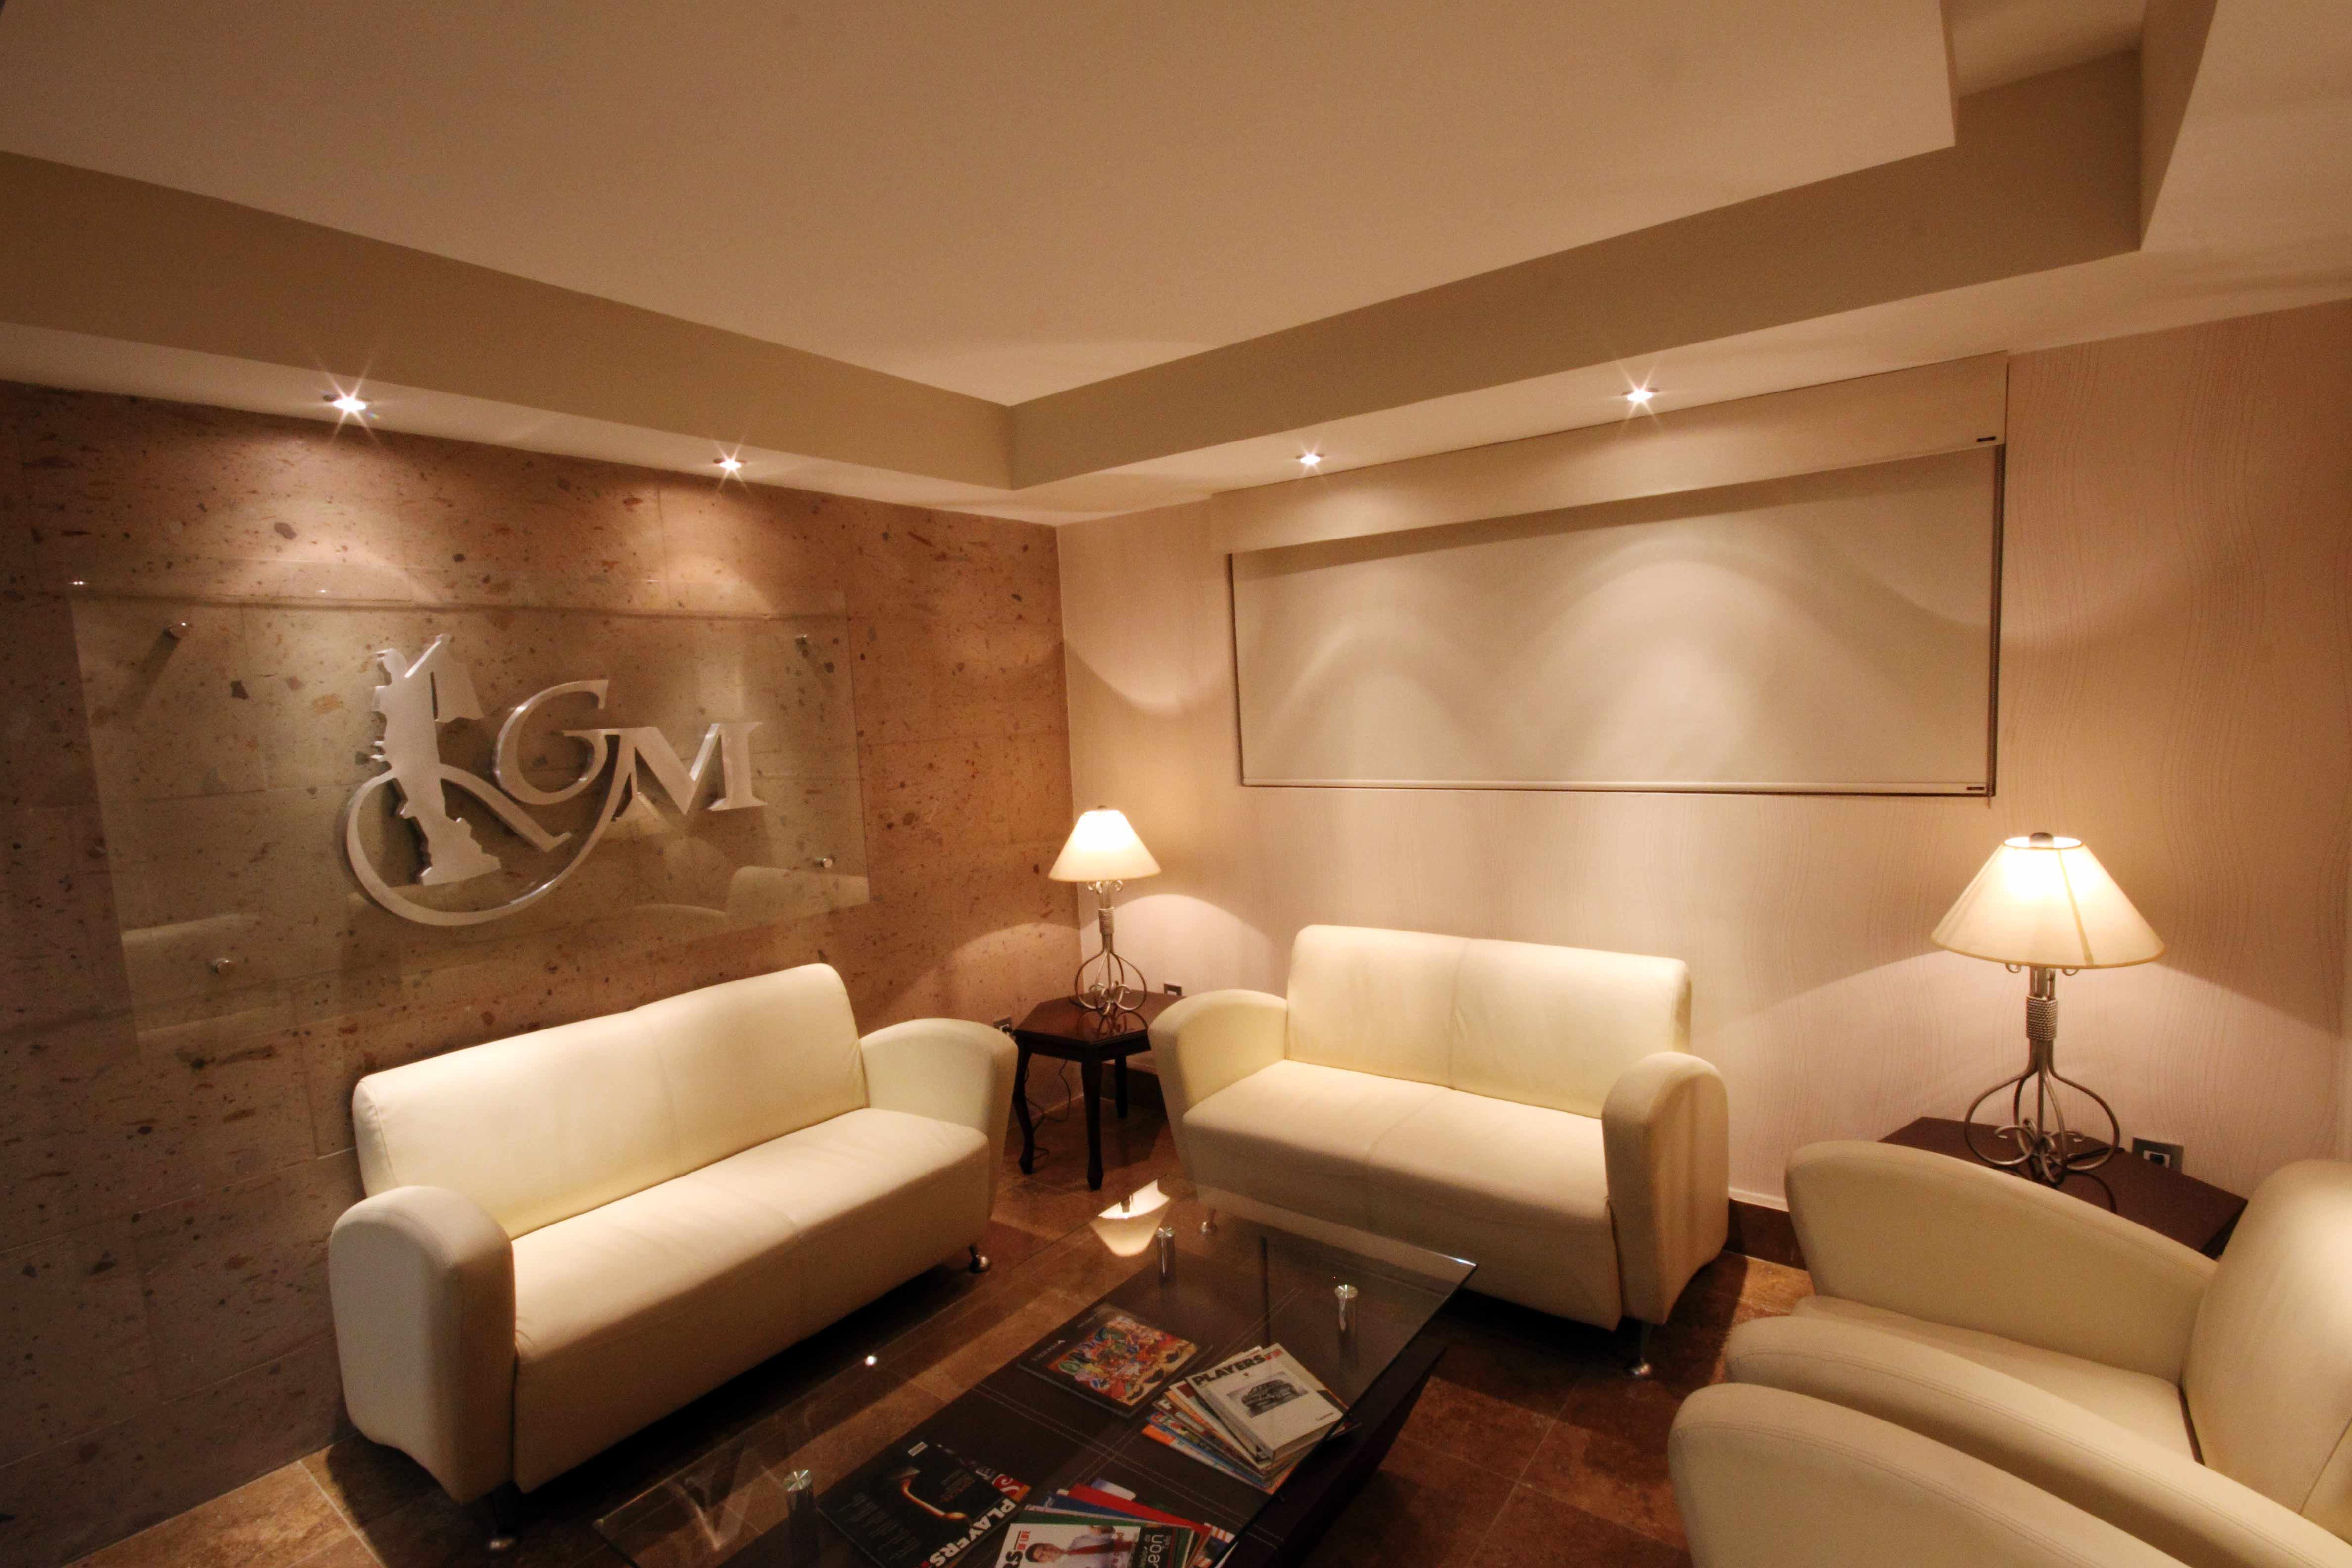 Oficinas gonzalez martinez abogados by arquitectura dise o for Programa para diseno de oficinas